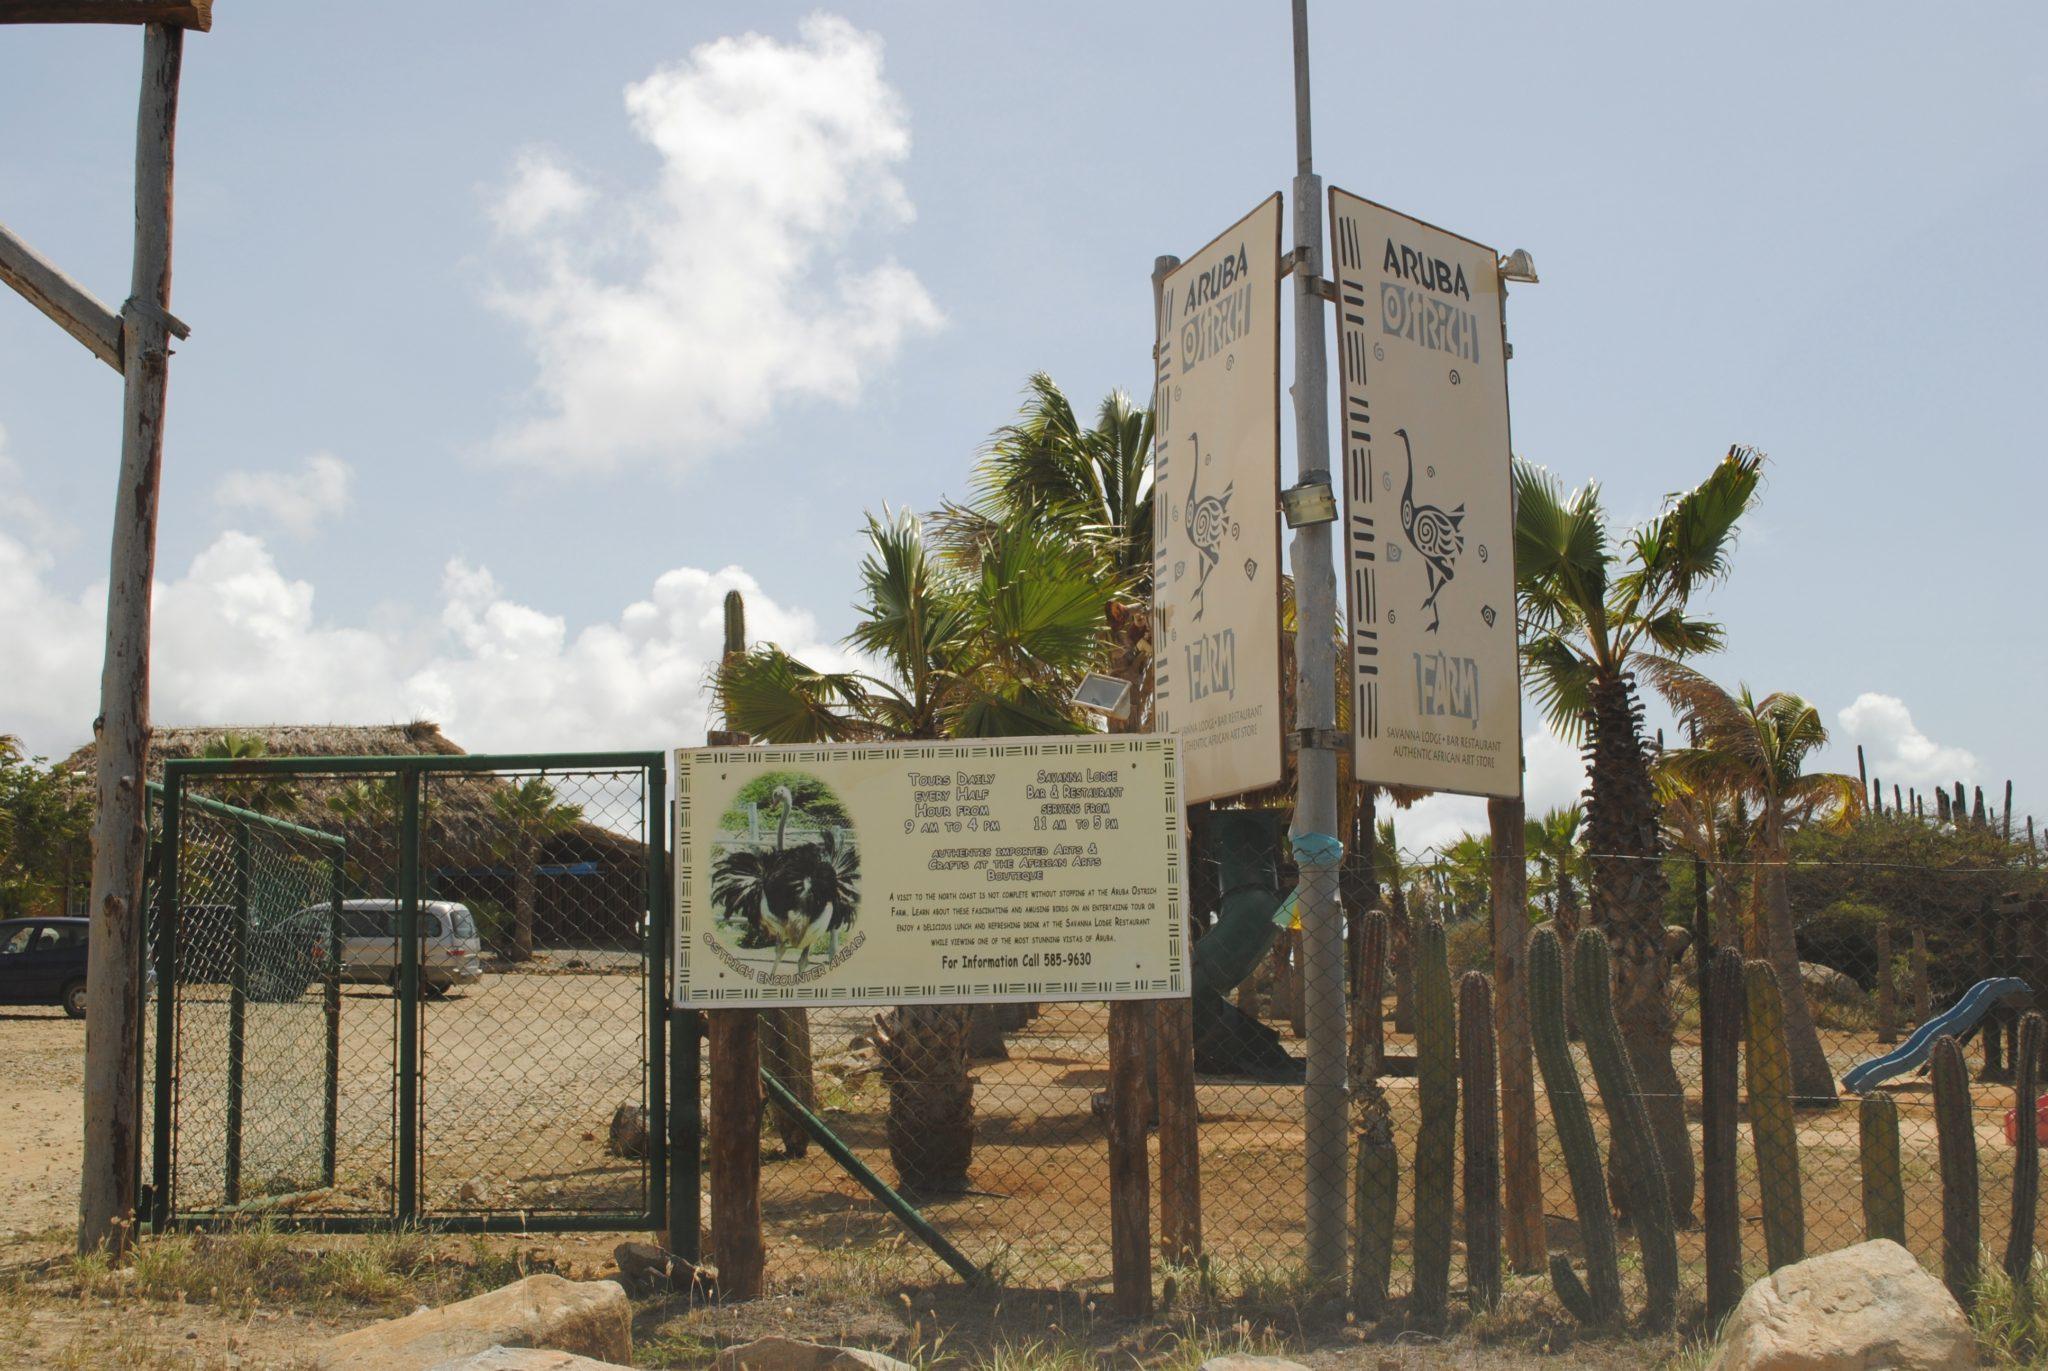 Struisvogel farm Aruba